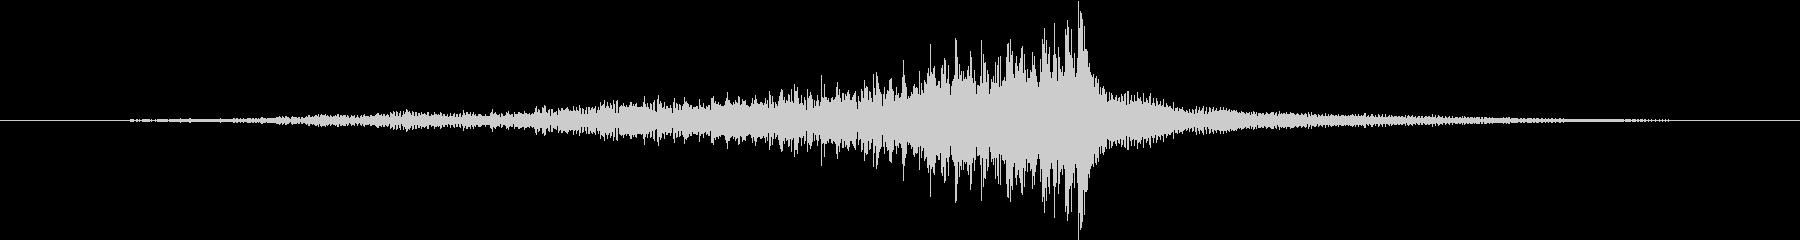 ティンパニ:ロールA、クレッシェンドの未再生の波形